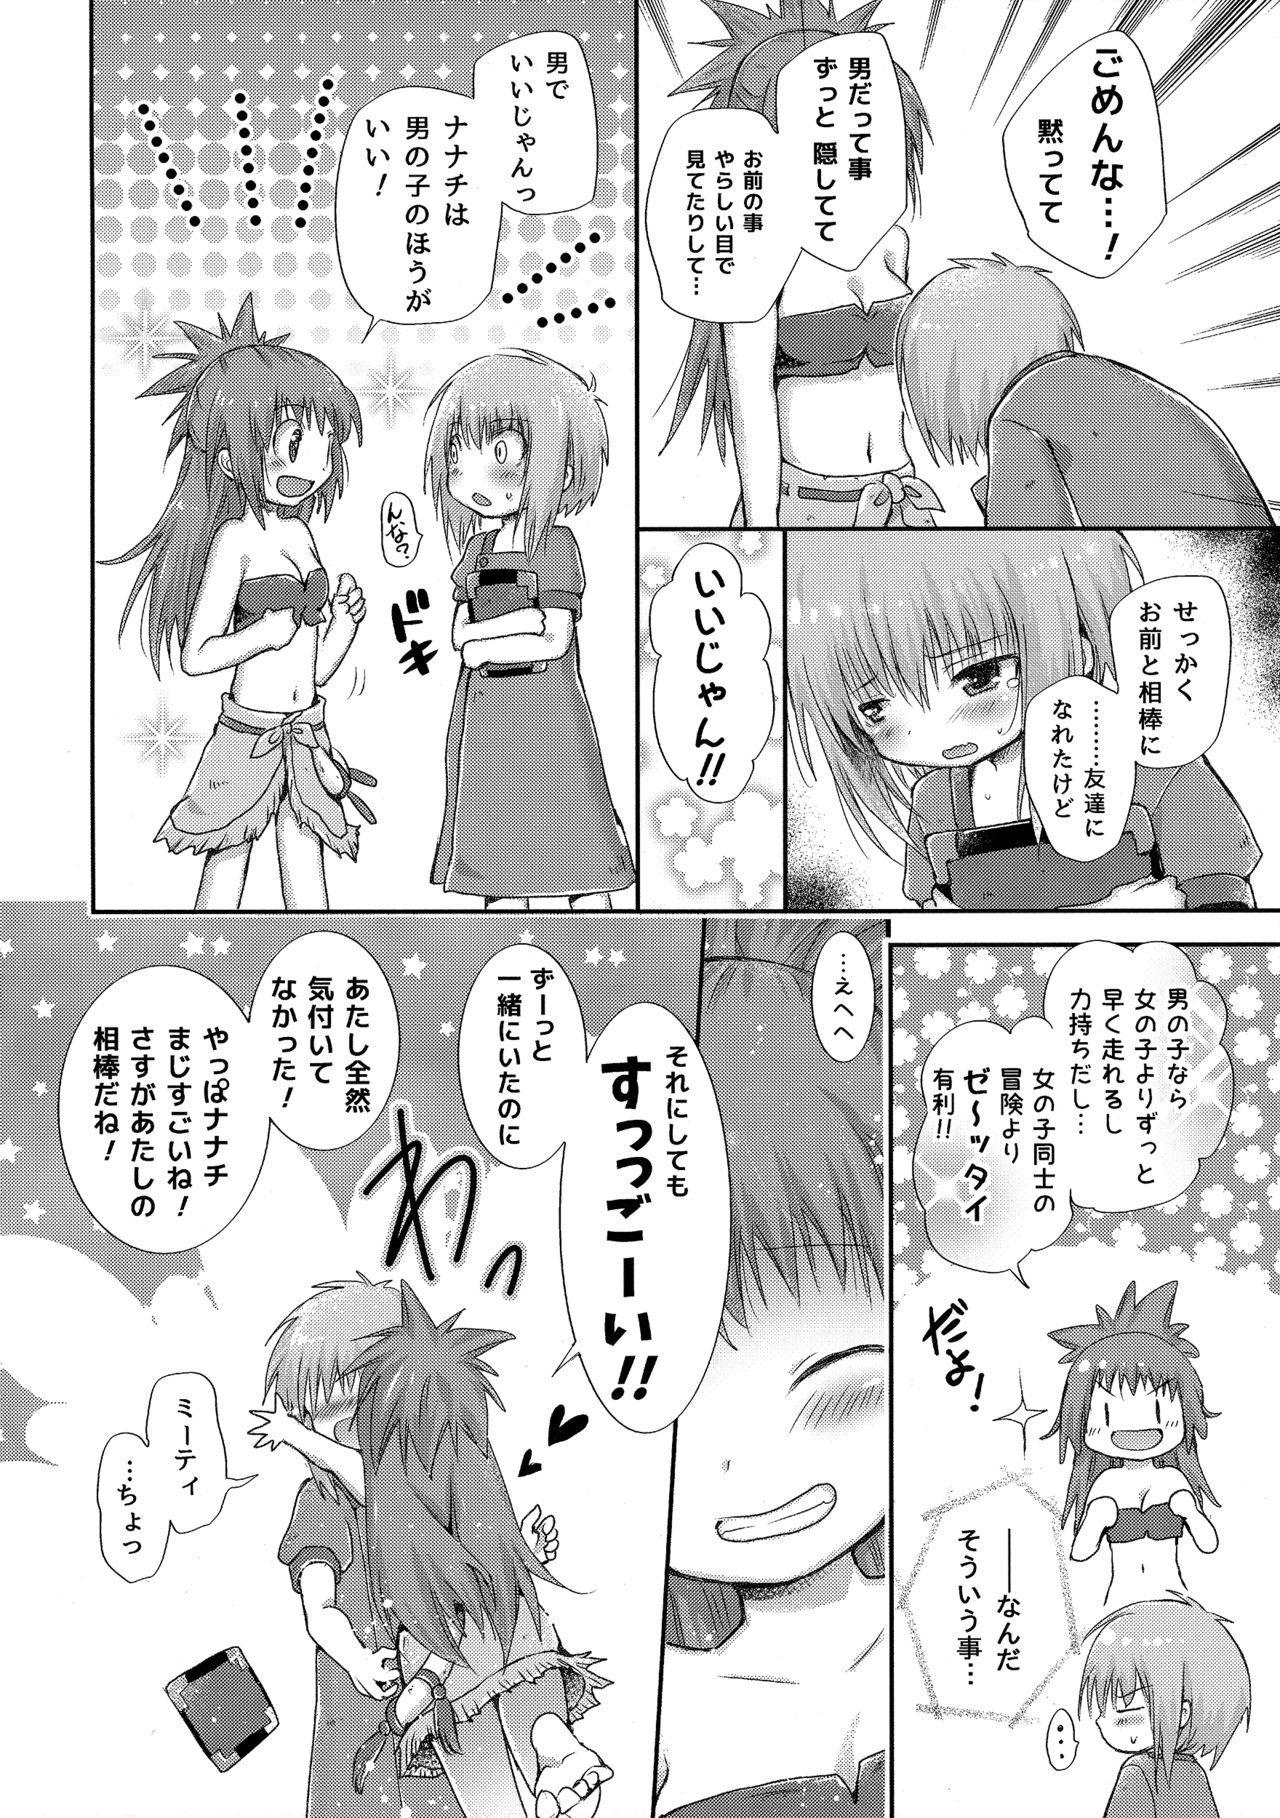 Hajimete no Takaramono 20